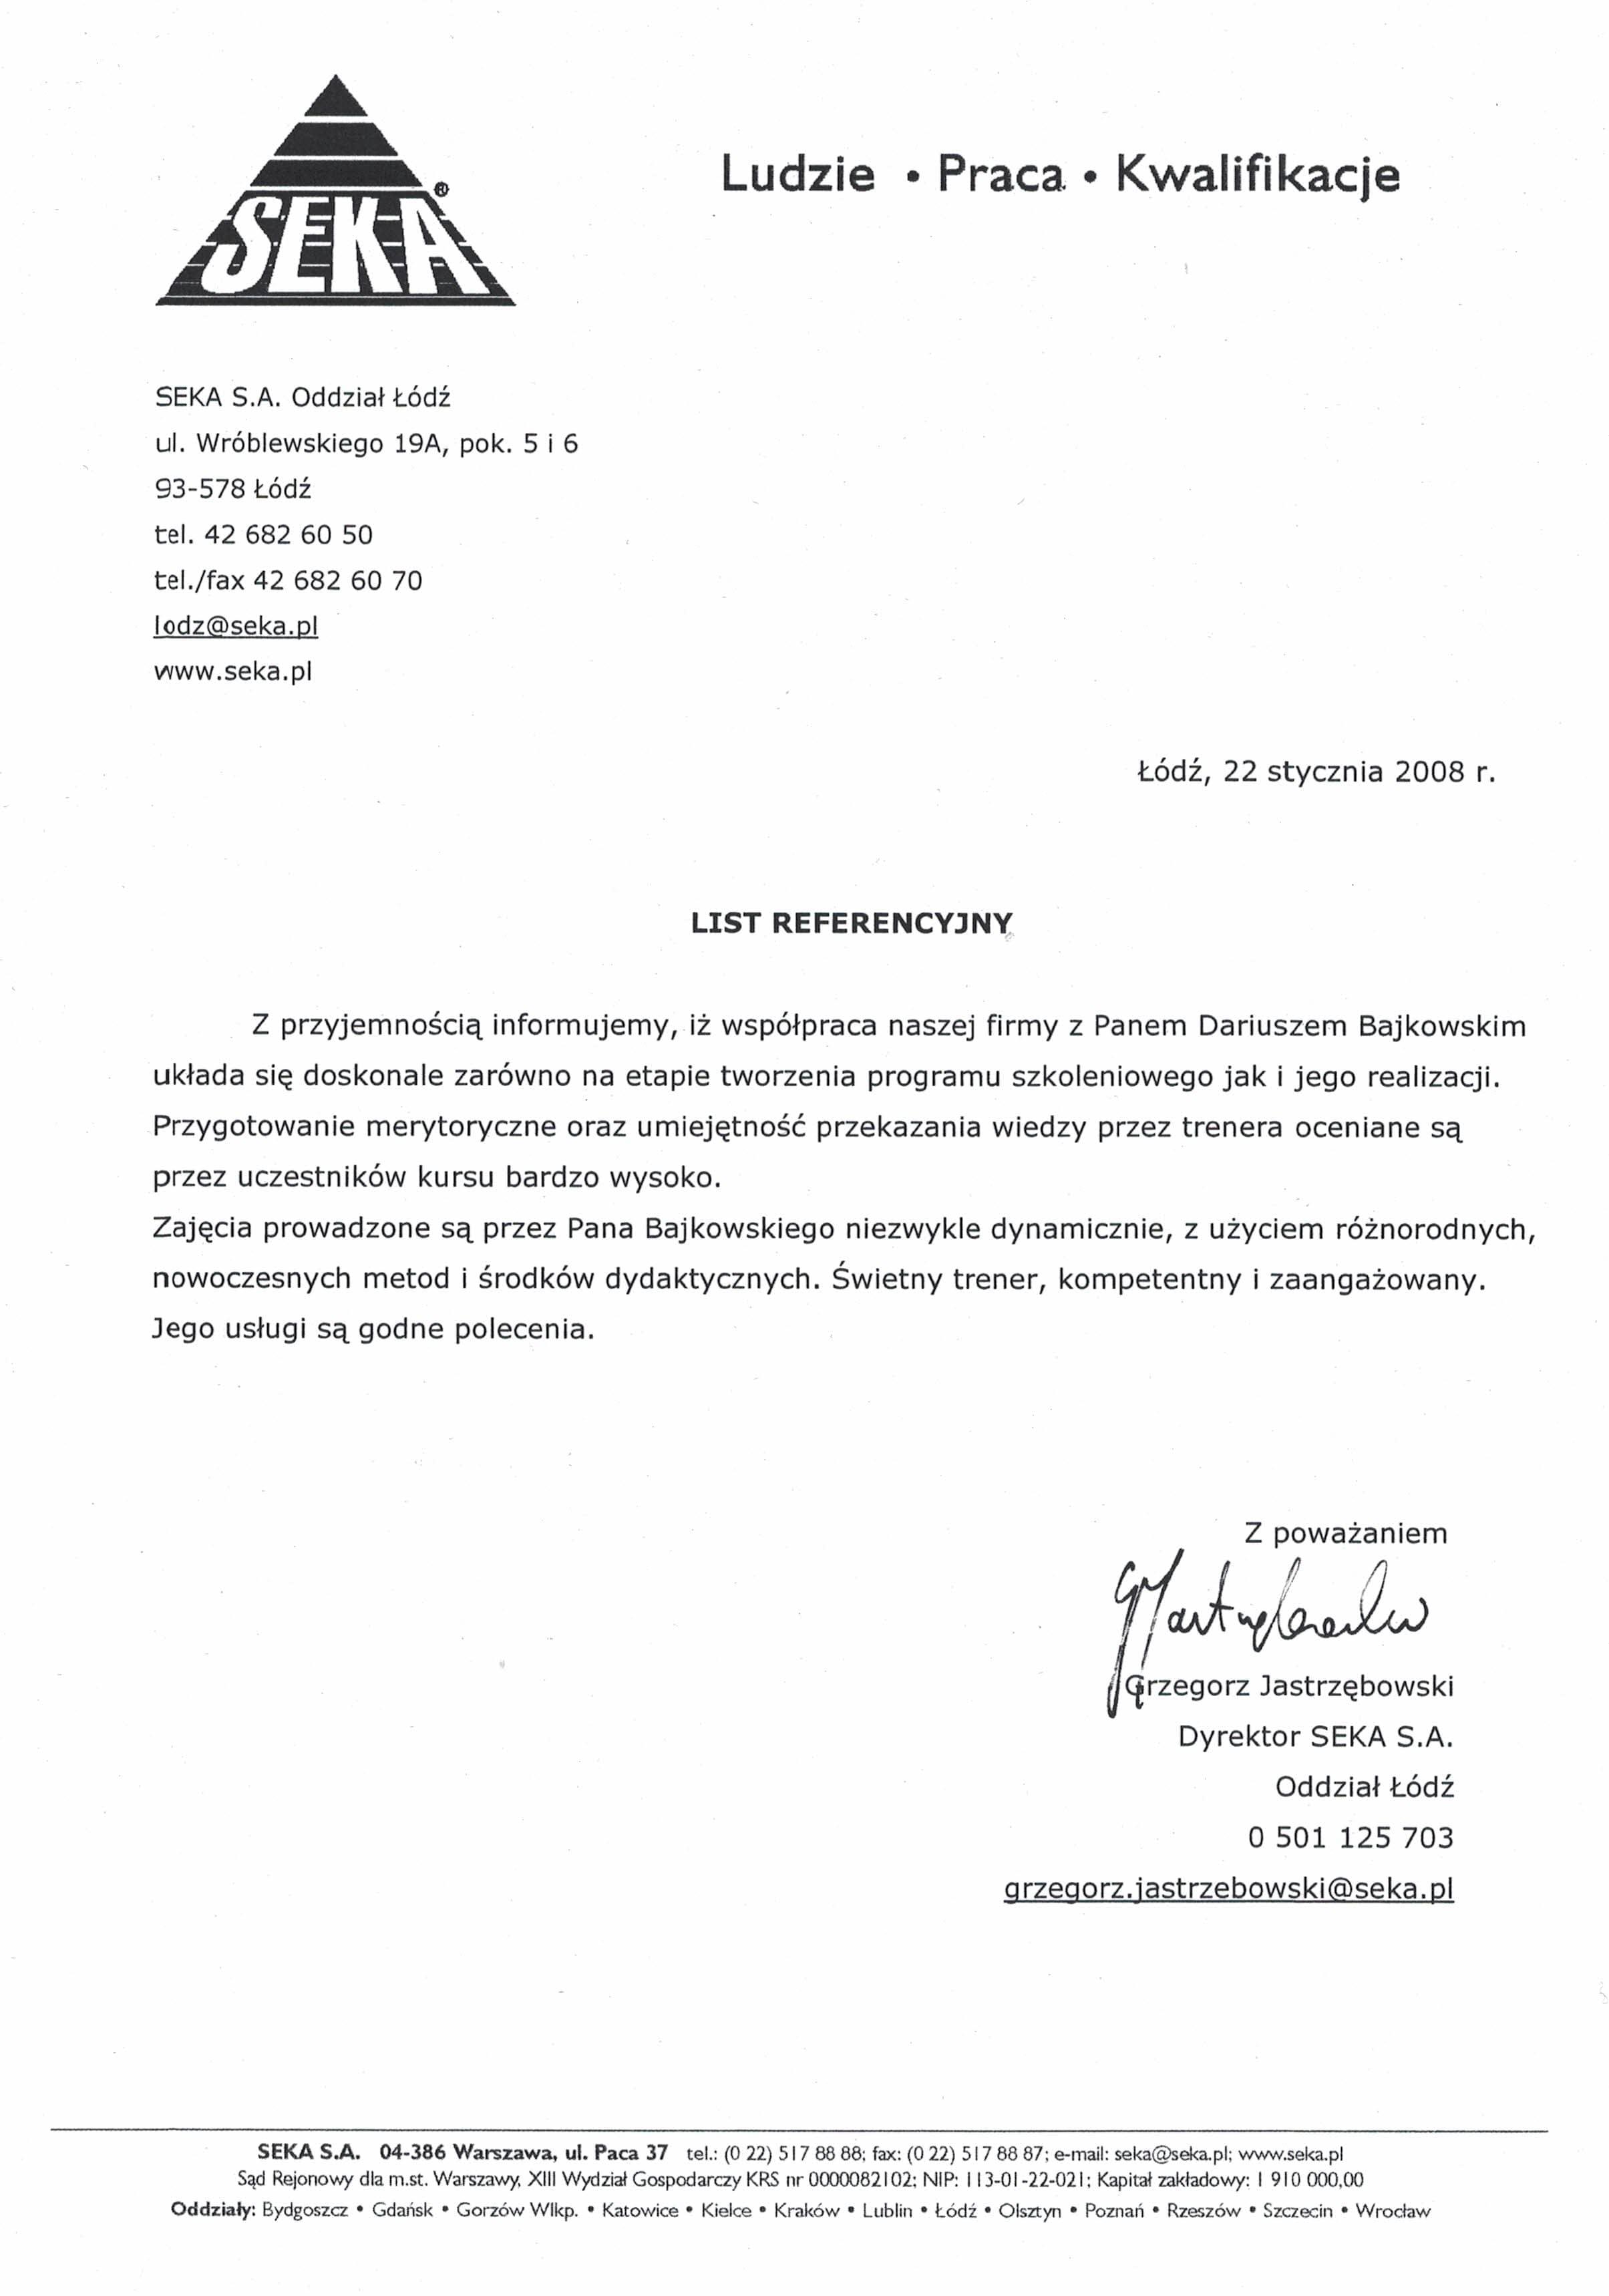 Dariusz-Bajkowski-SEKA